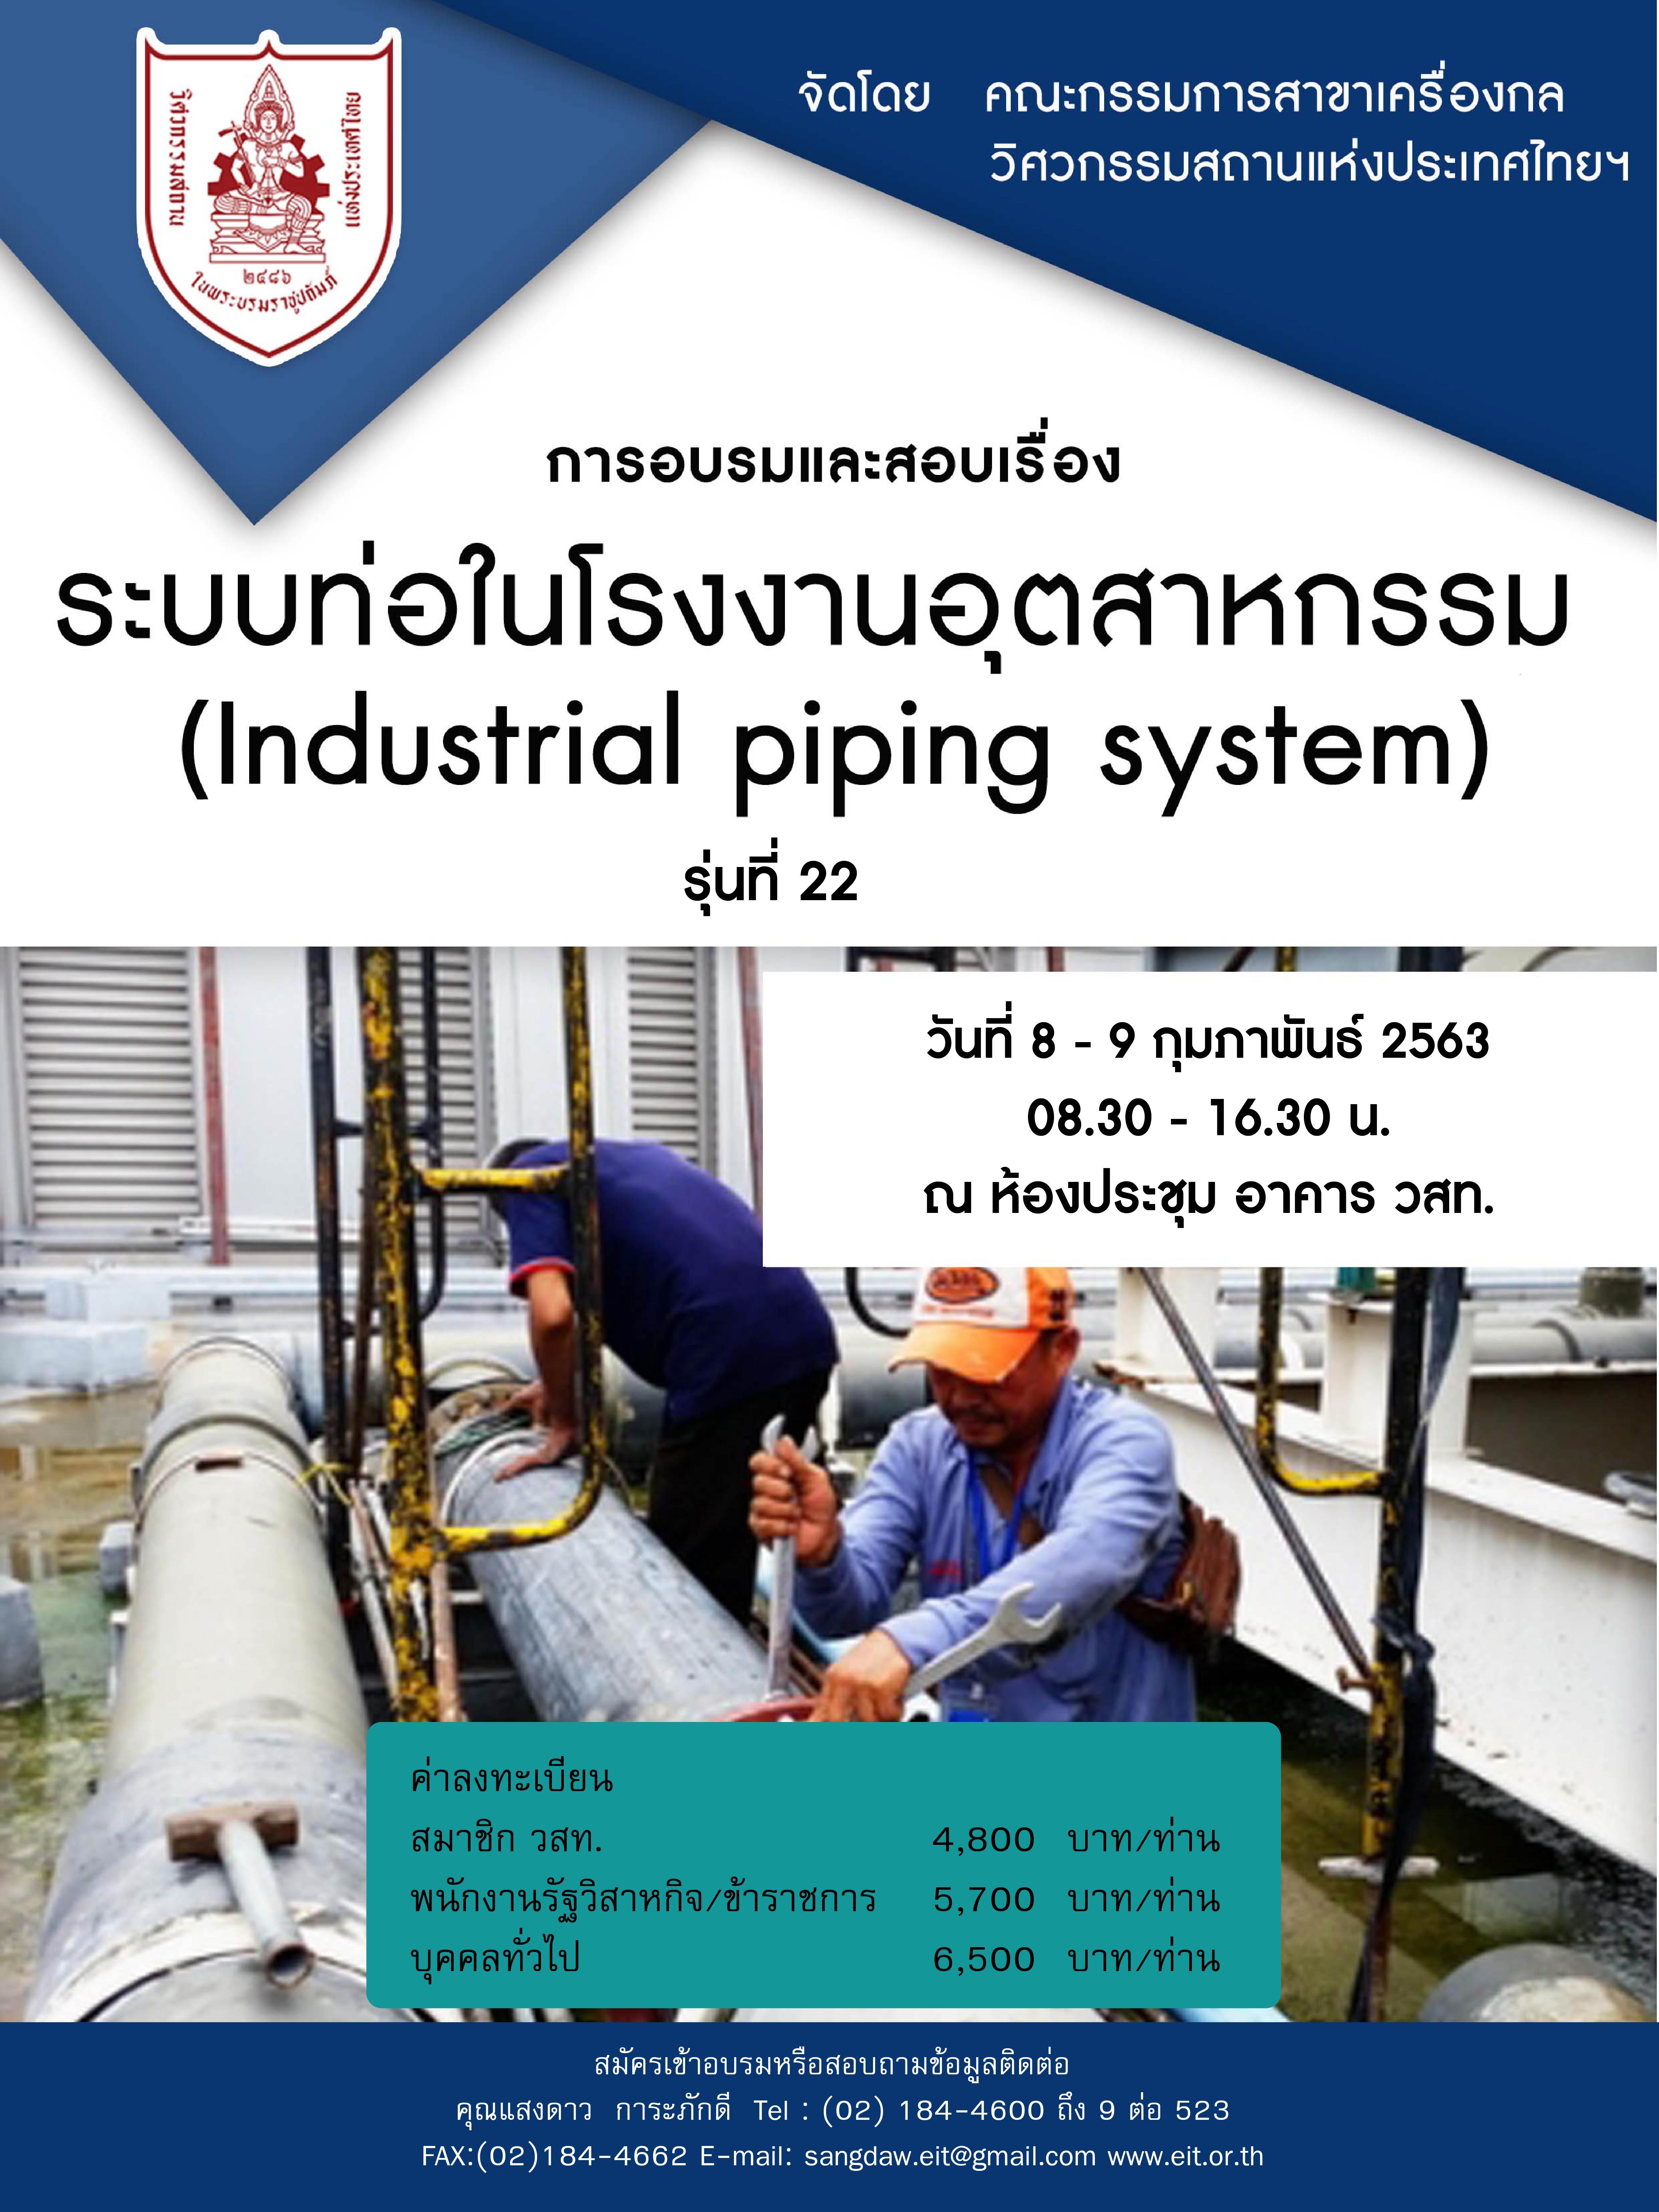 8-9/02/2563 ระบบท่อในโรงงานอุตสาหกรรม (Industrial piping system)  รุ่นที่ 22